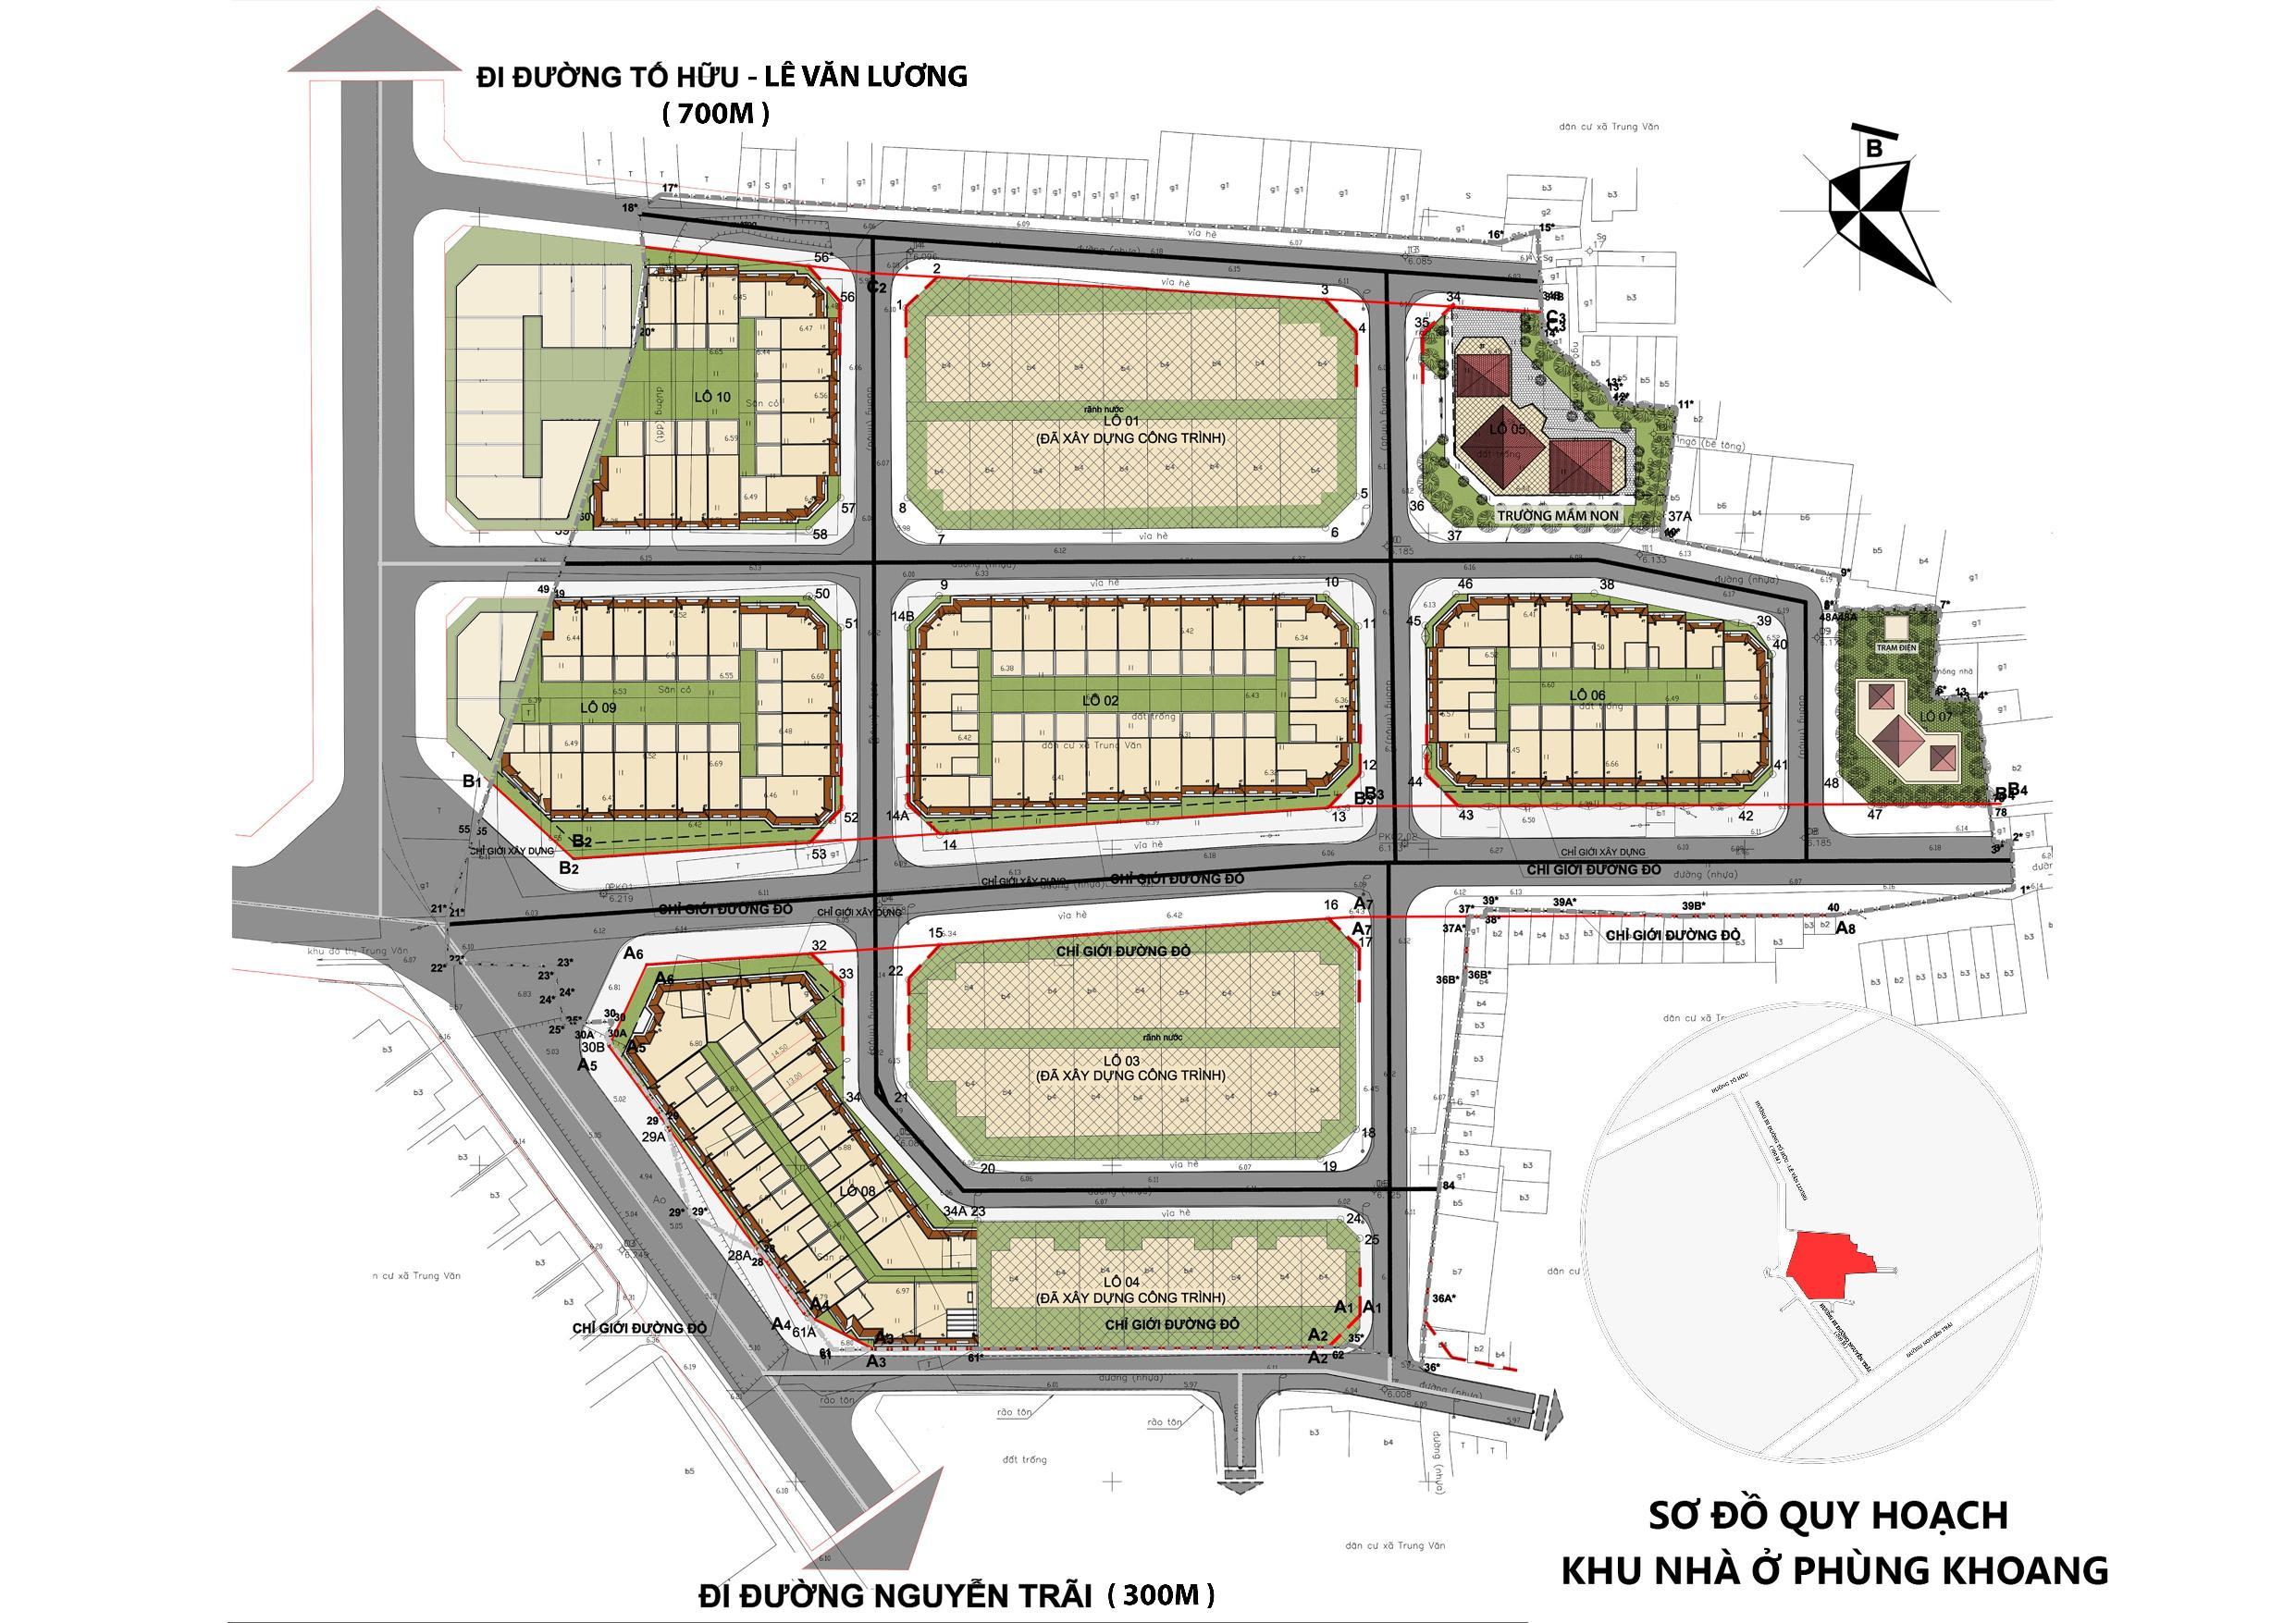 Sơ đồ quy hoạch khu nhà ở Phùng Khoang